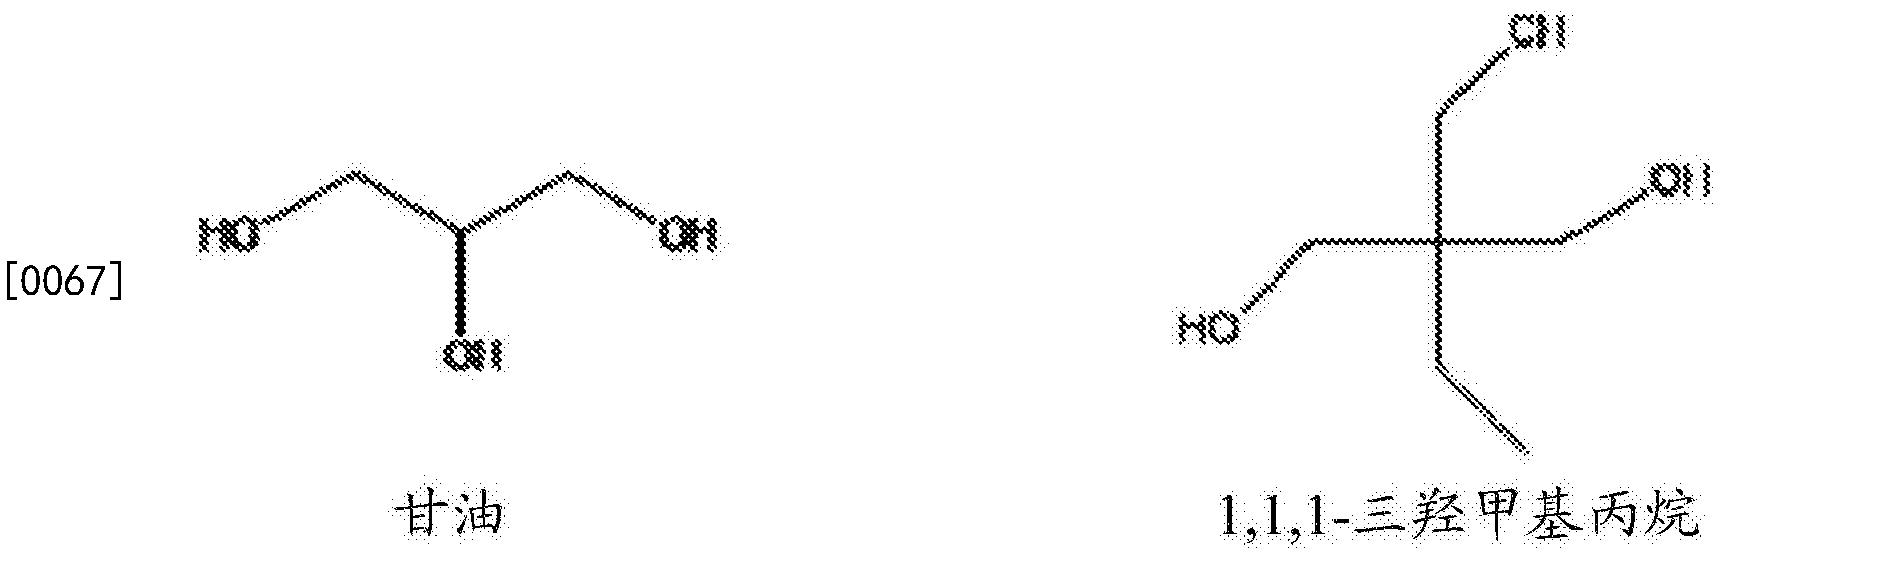 Figure CN105492587BD00101